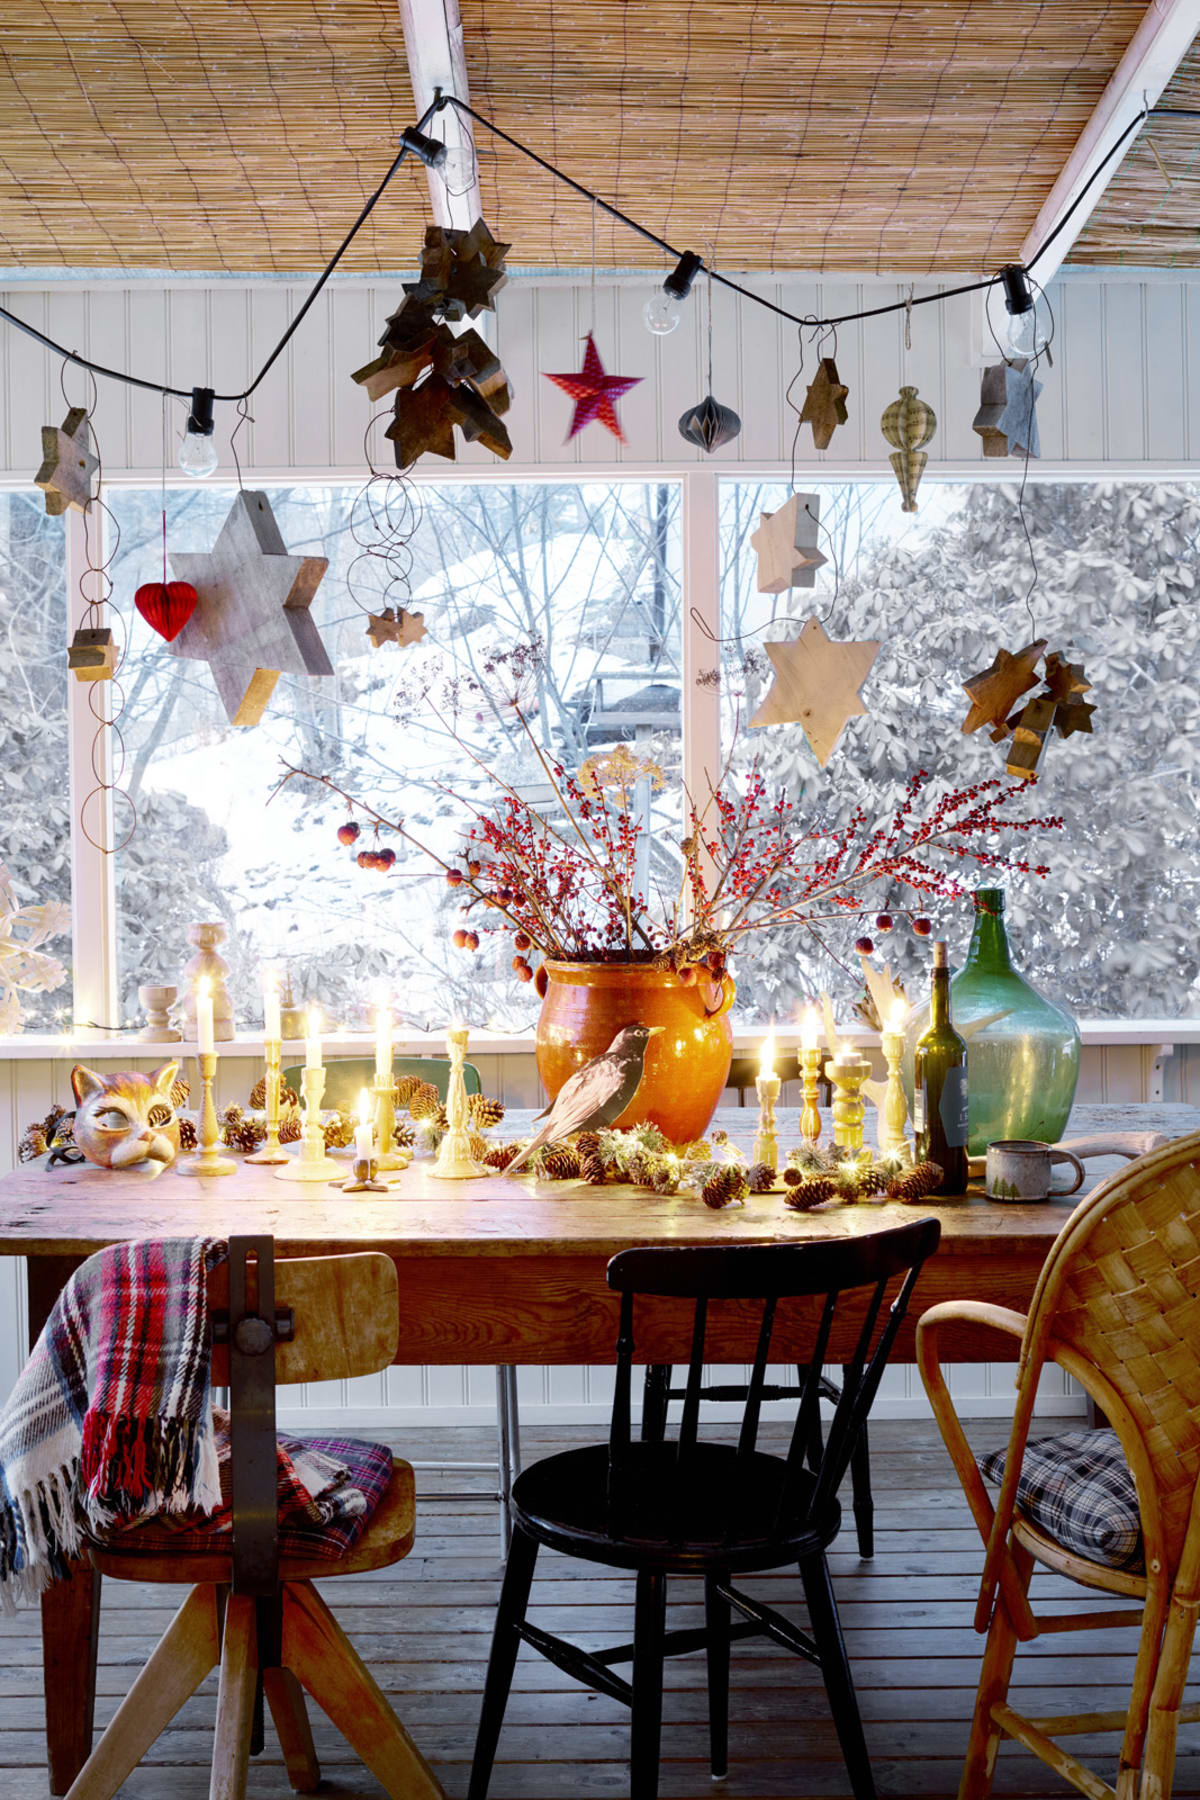 Våga möblera med udda stolar. Längst till hö handgjorda flätade klassikern, LC stolen, 2 495 kr, Gösta Westerberg. Övriga är loppisfynd. Ljusslinga Granit, 469 kr. Trästjärnor, design Andrea Brugi (pris på förfrågan). Ljusslinga på bordet förhöjer feststämningen,Watt&Veke har många olika alternativ. Placera ut mängder med udda ljusstakar. Här gamla i trä - mässing är fint alternativ. Övriga ting loppisfynd.